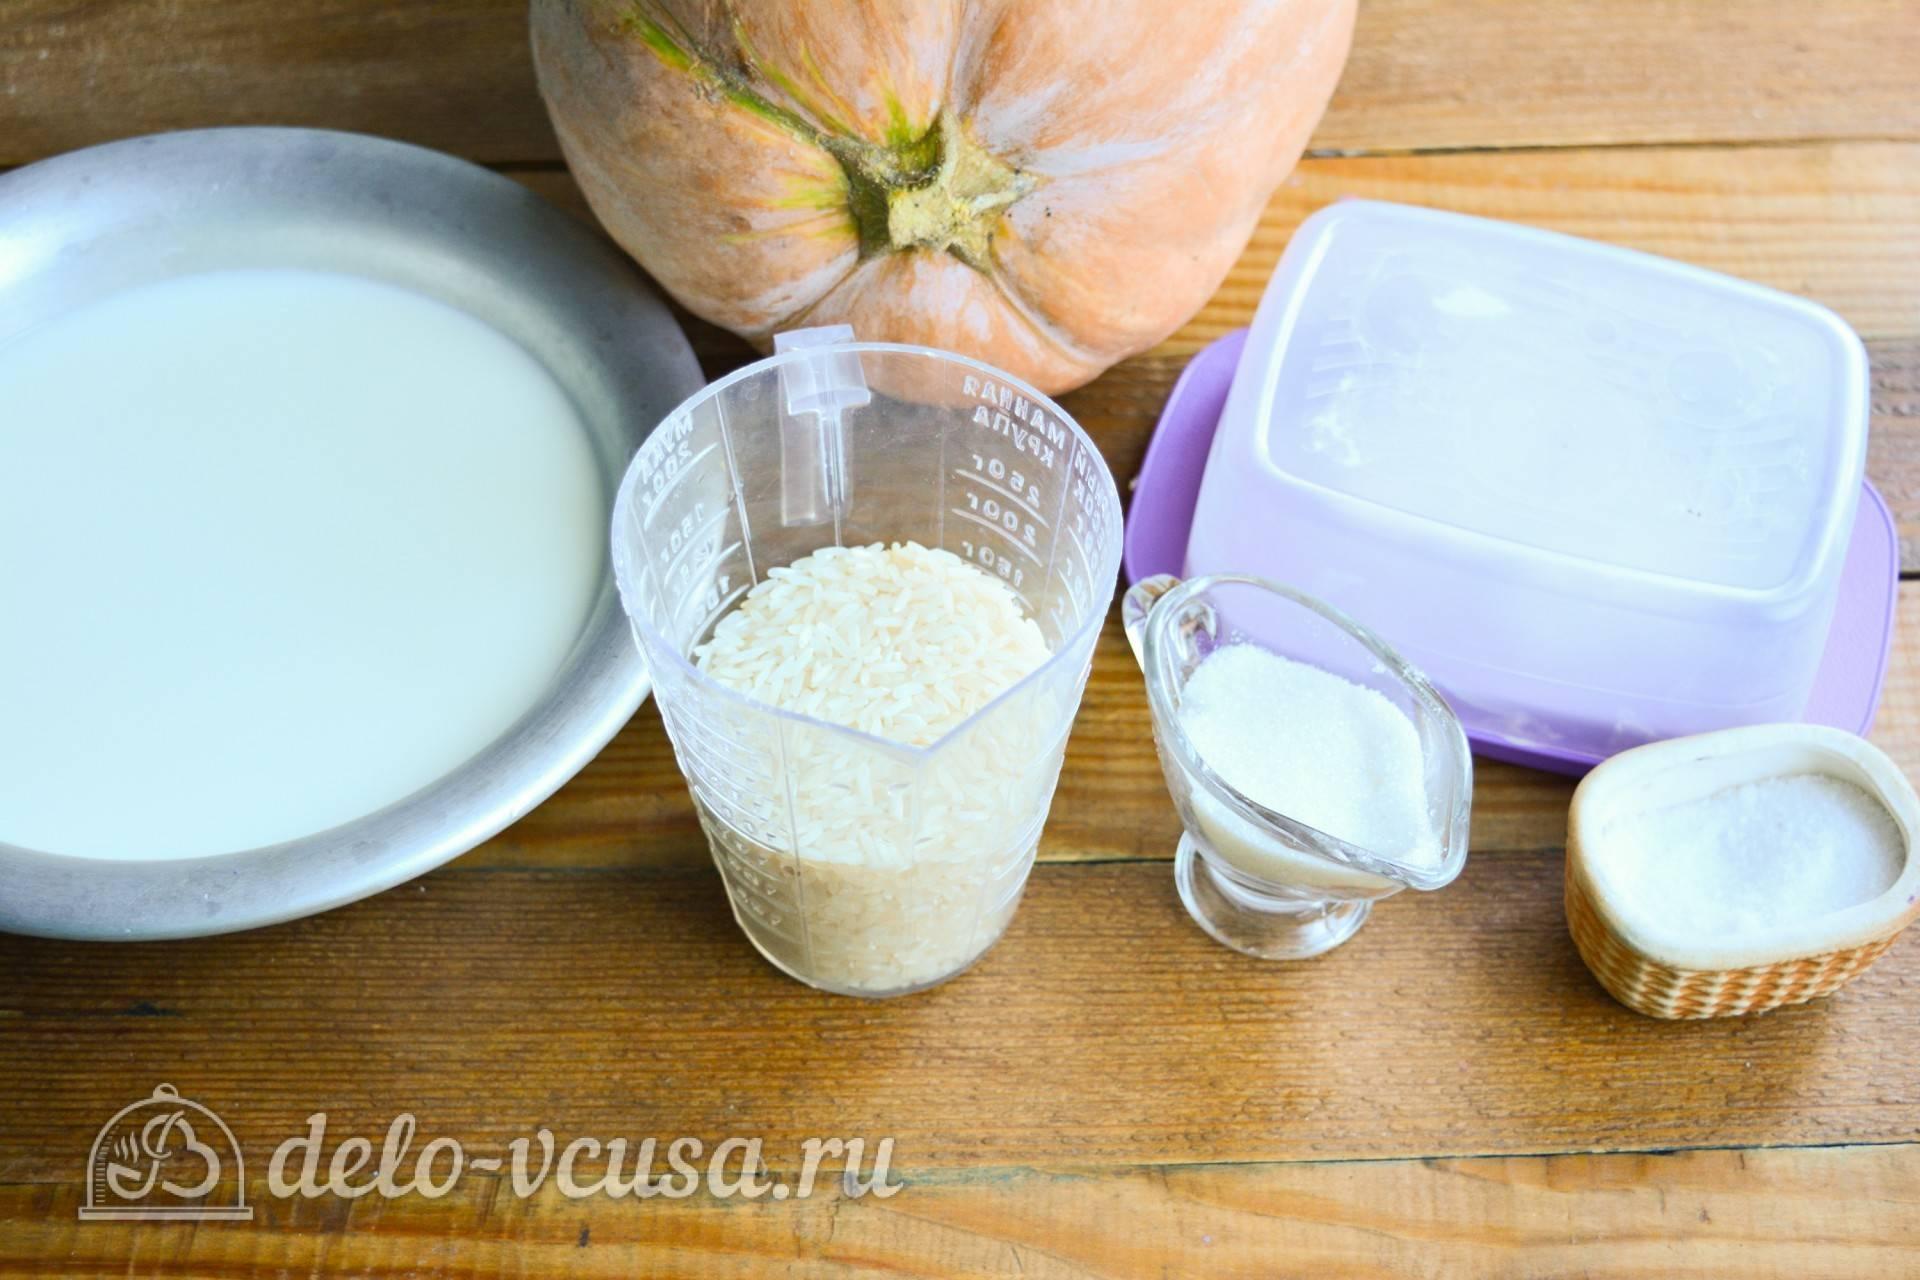 Рисовая каша на молоке в мультиварке – она бывает разная! классические и новые рецепты рисовой каши на молоке в мультиварке